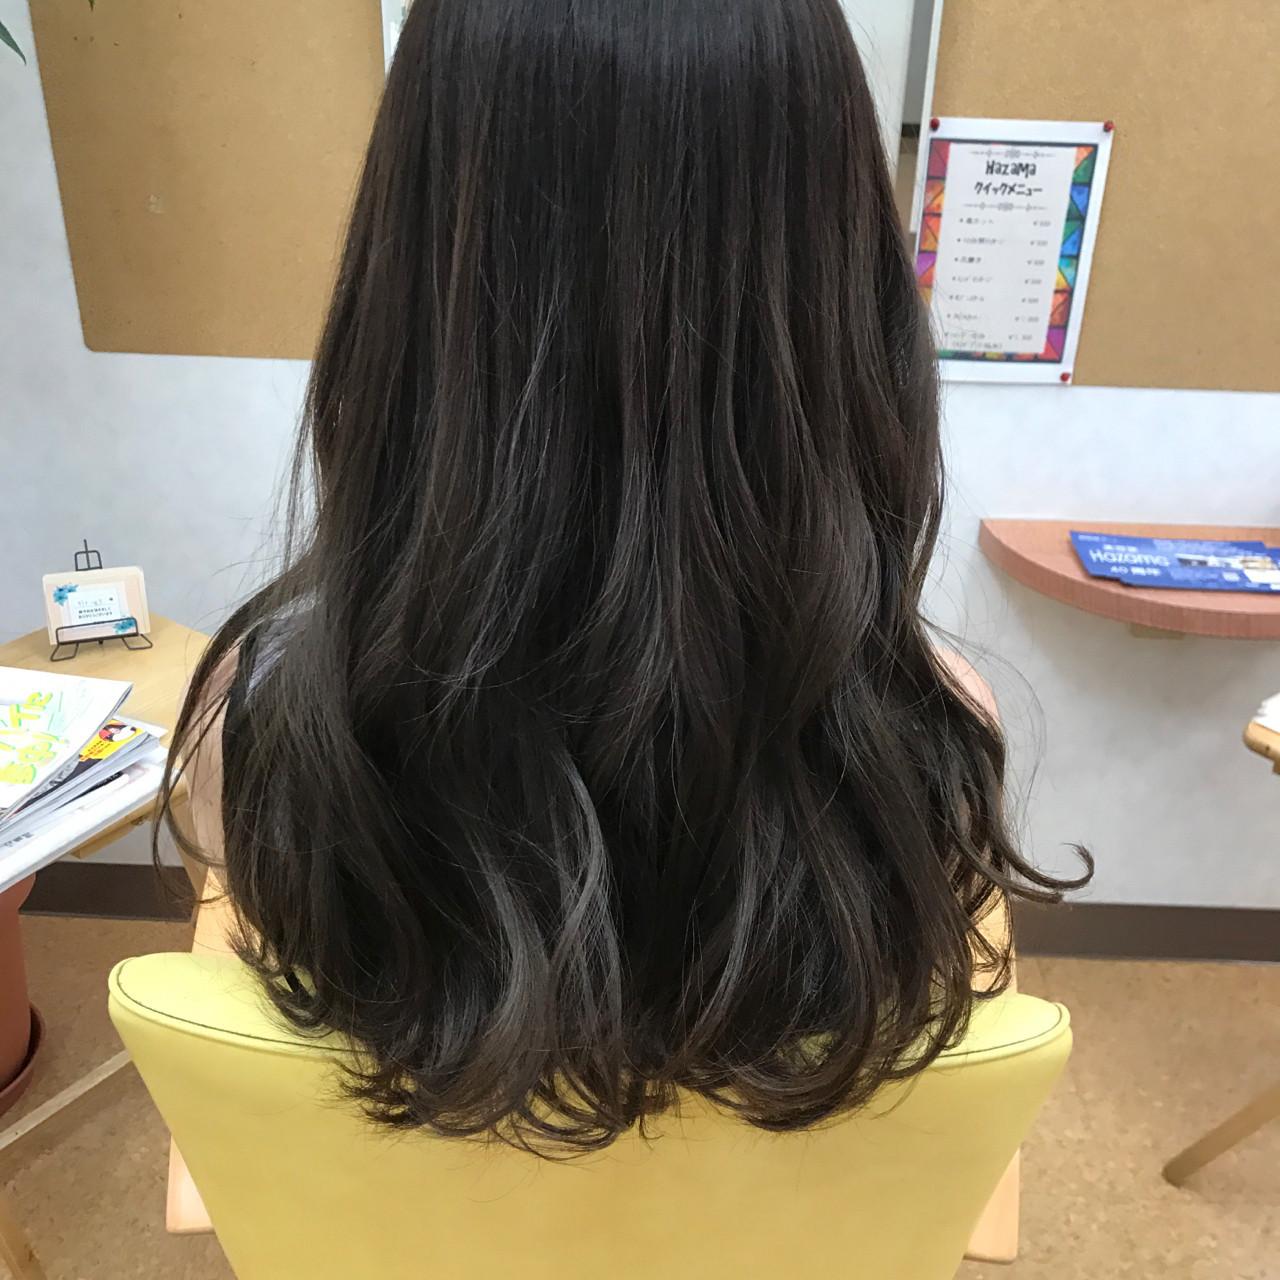 甘い髪色がかわいいチョコレートブラウン タカギツカサ